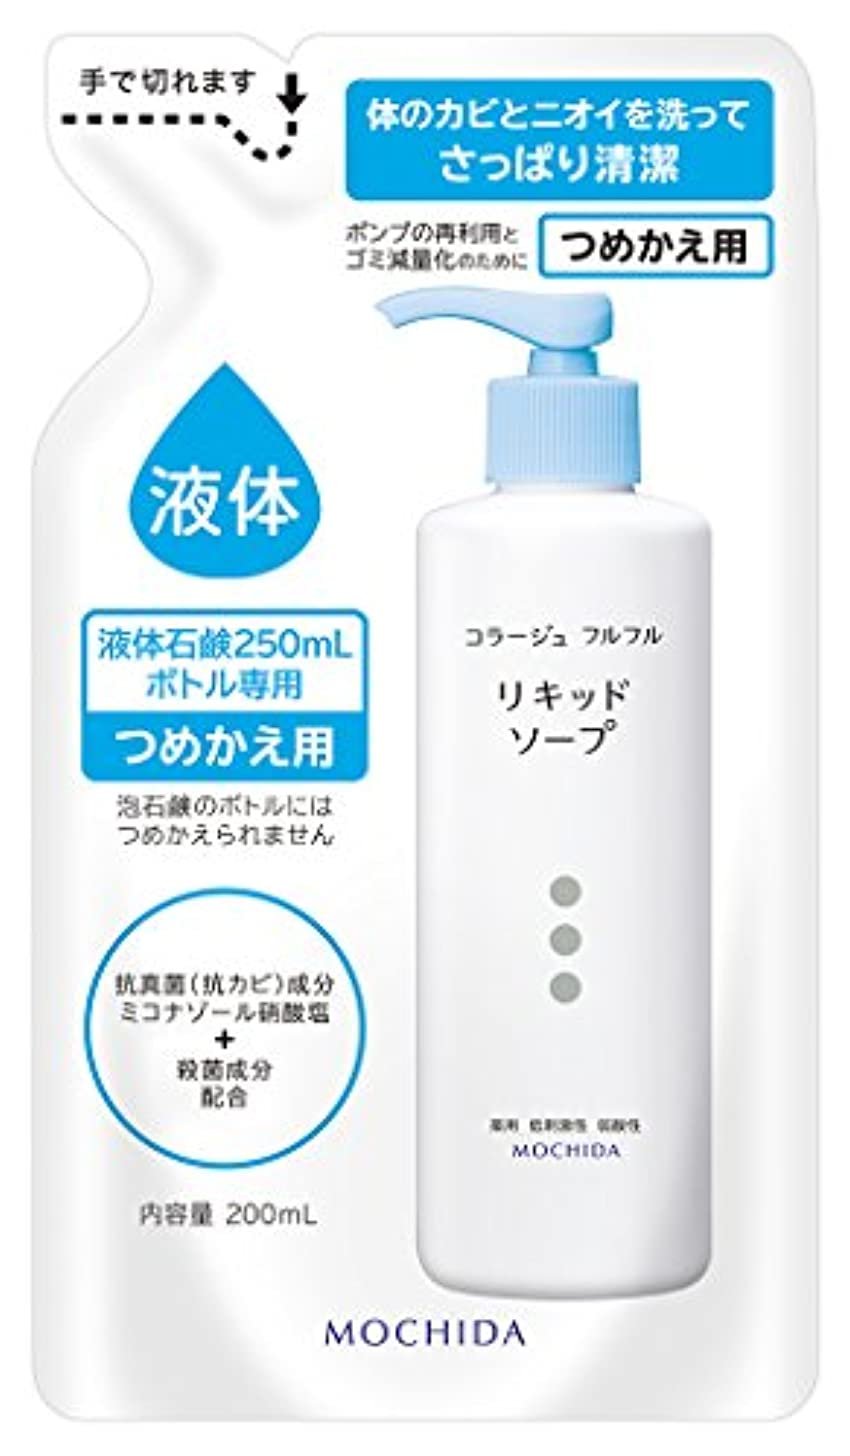 ノミネート感性感心するコラージュフルフル 液体石鹸 (つめかえ用) 200mL (医薬部外品)